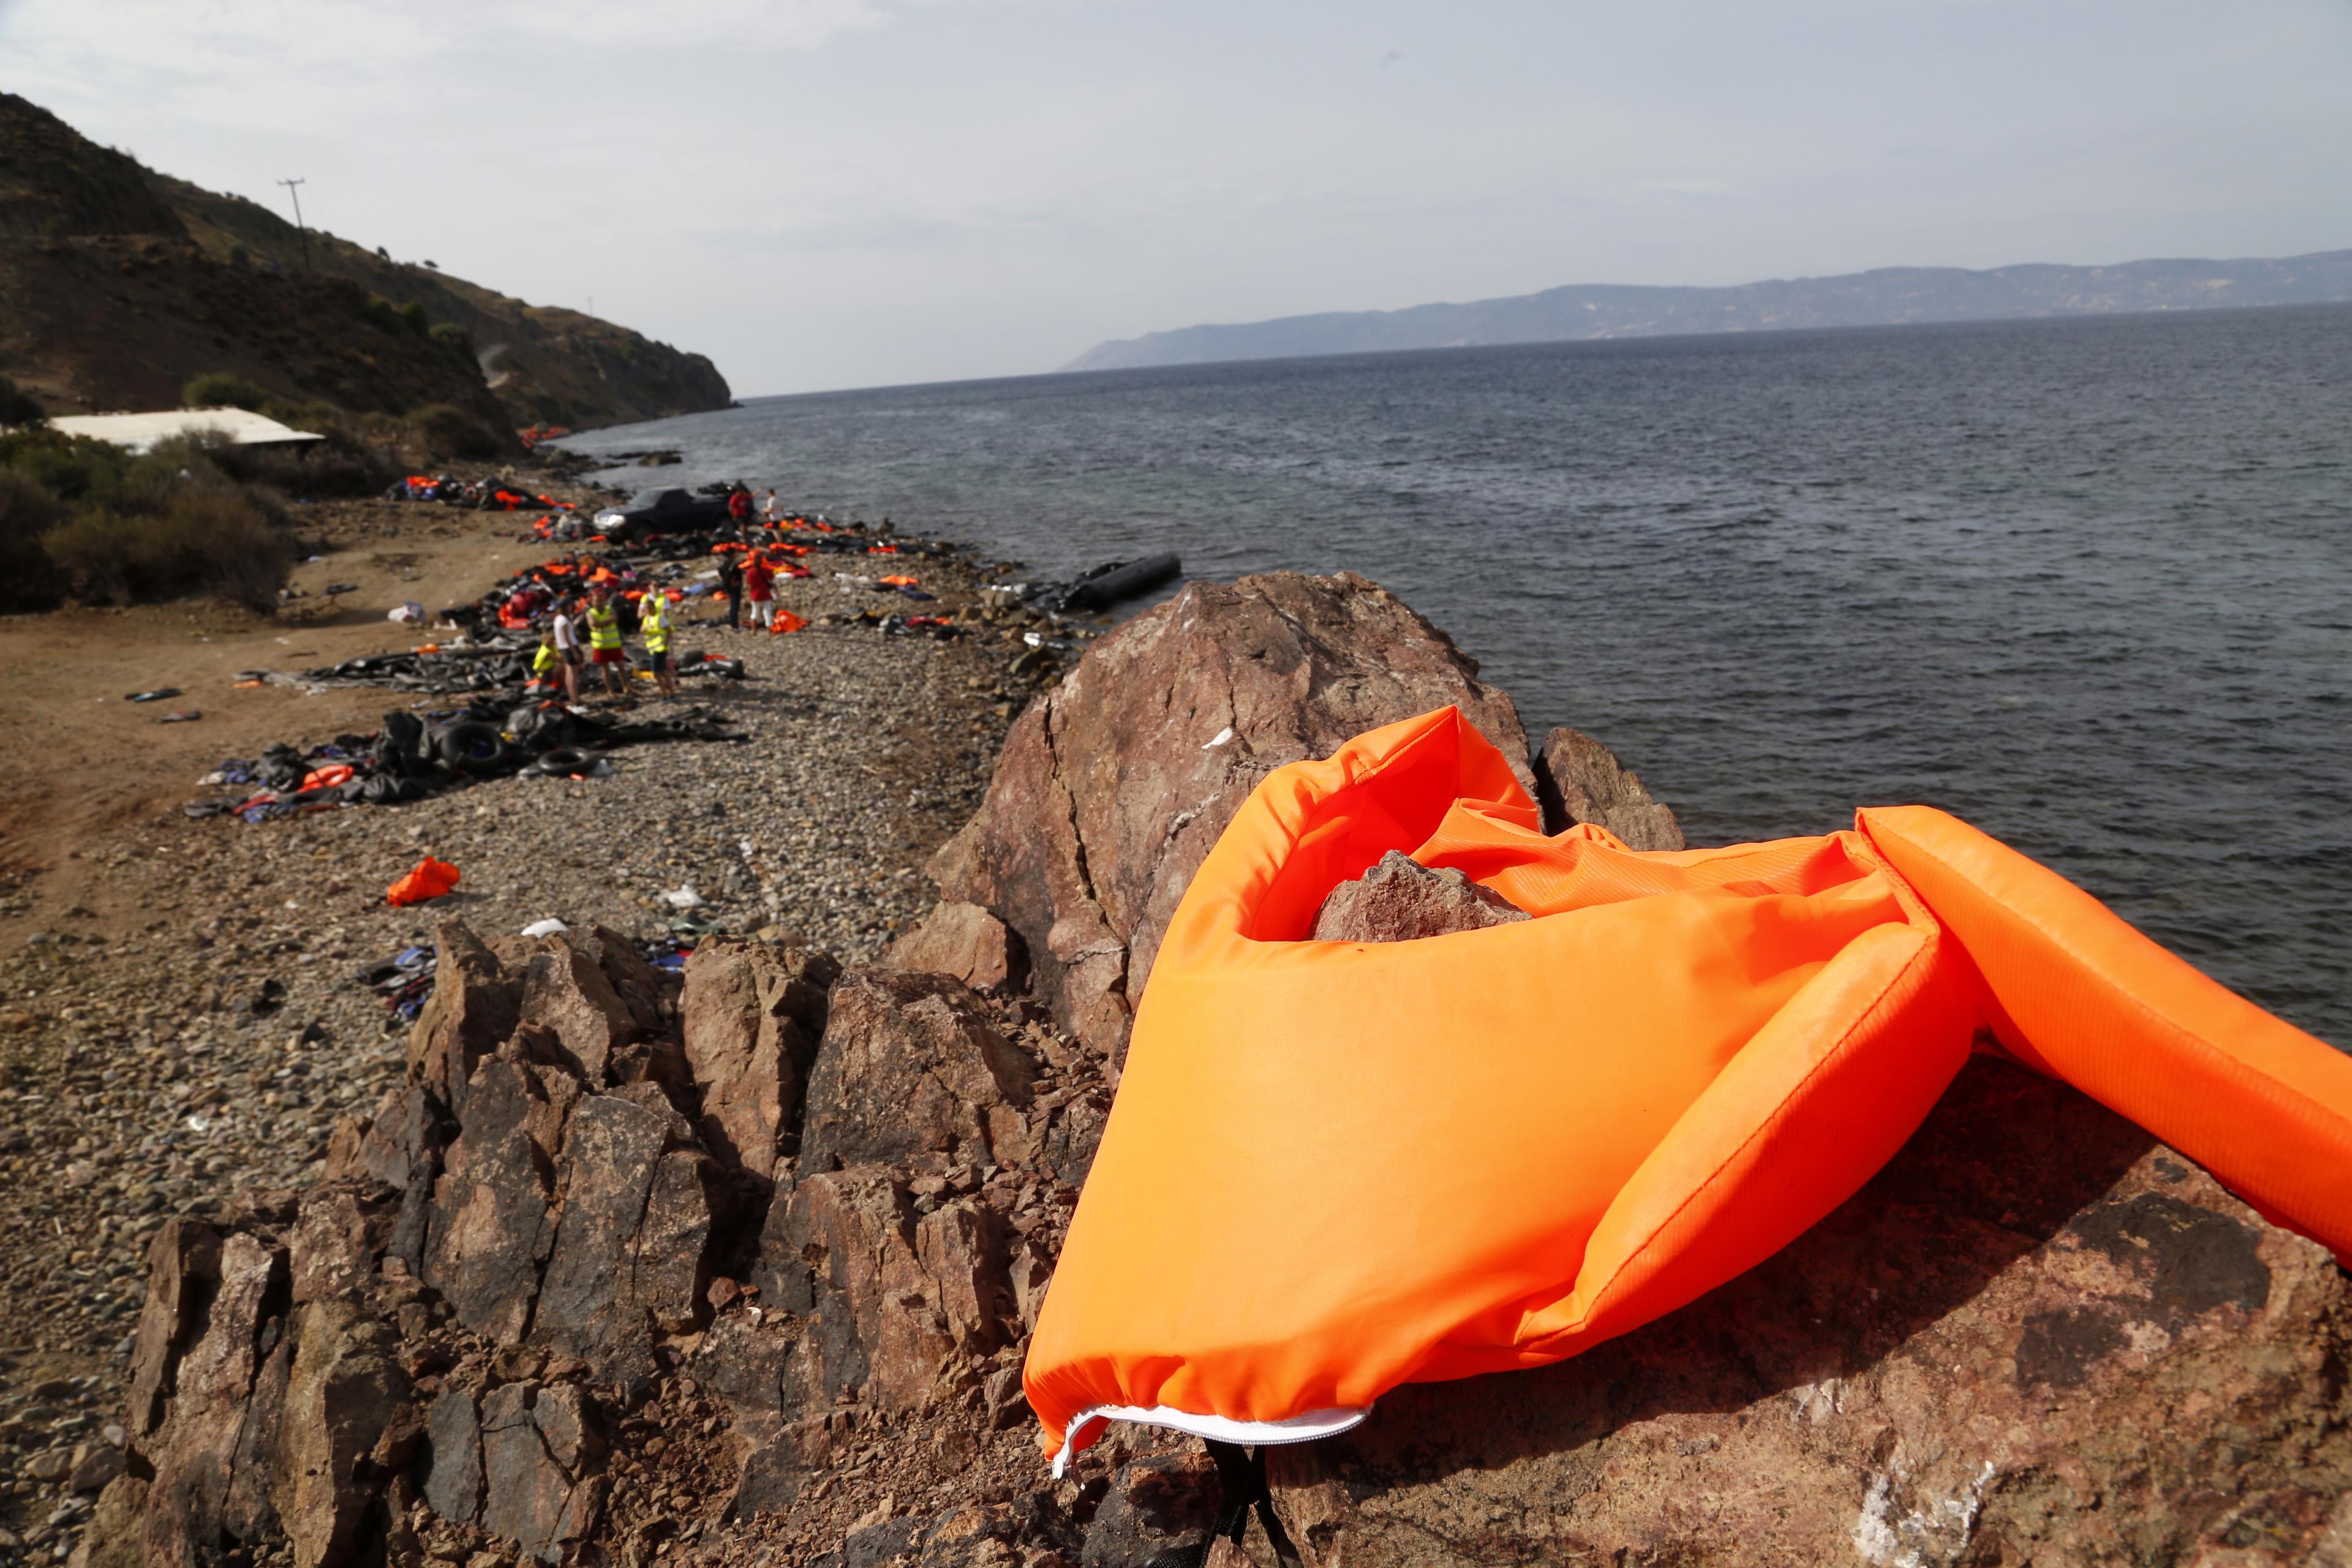 Μητροπολίτης Μυτιλήνης:Δεν υπάρχει χώρος να ταφούν οι πρόσφυγες   tovima.gr